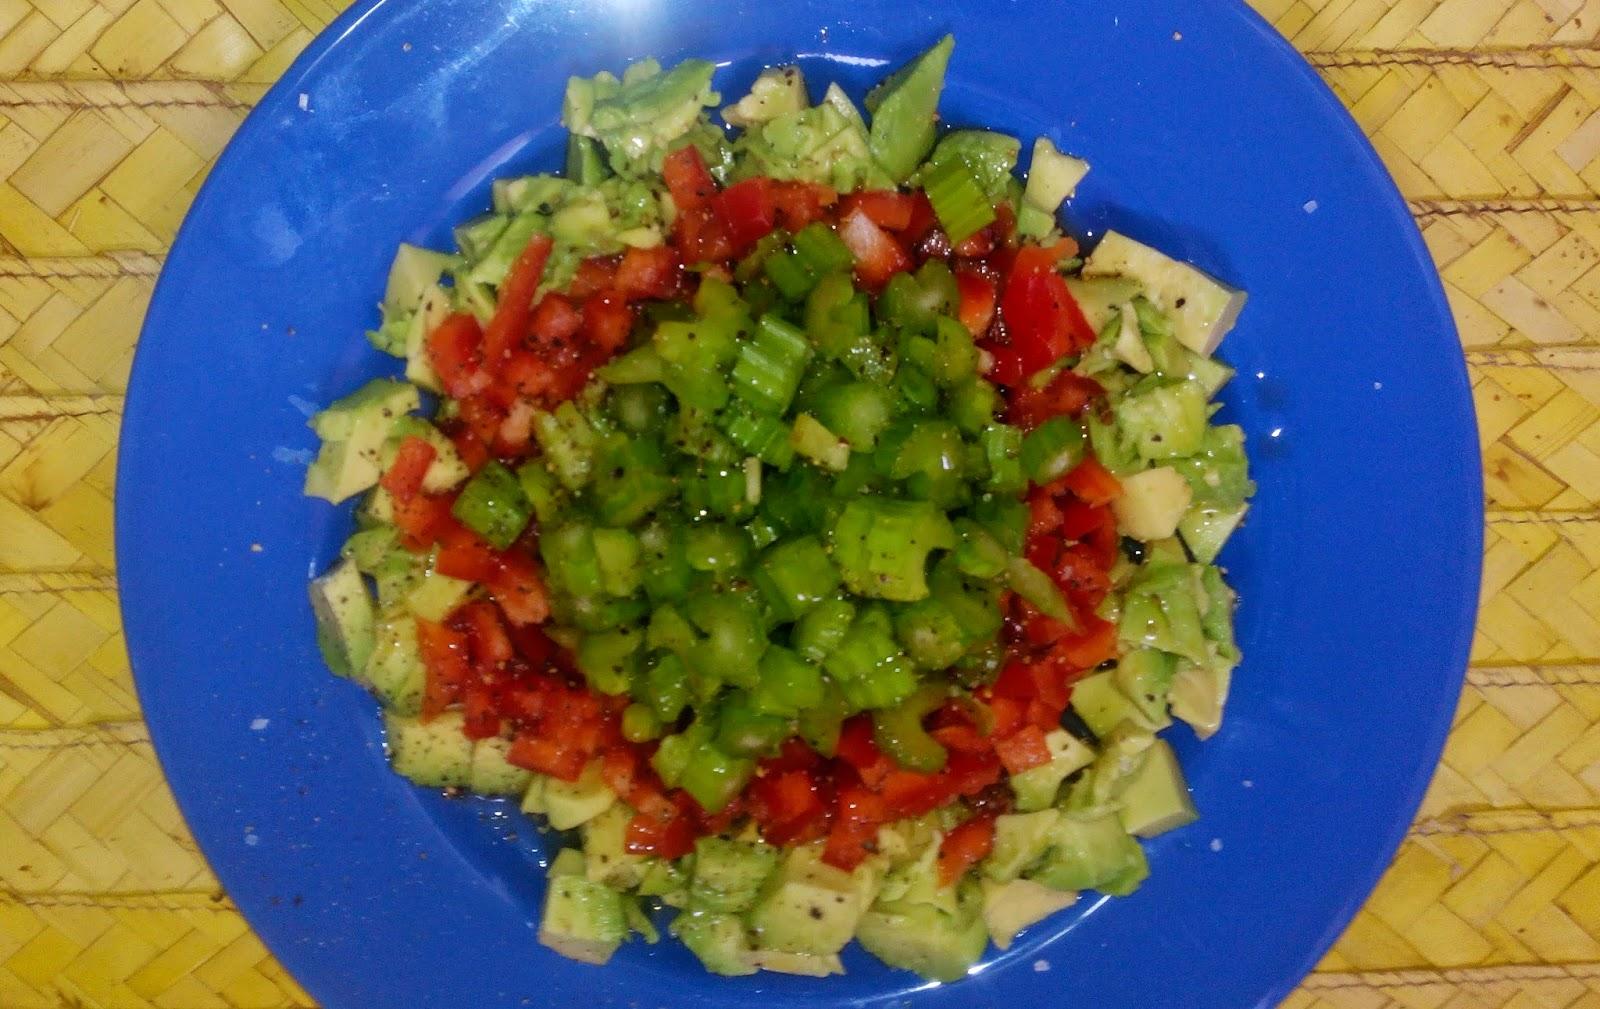 ensalada de pimiento, aguacate y apio